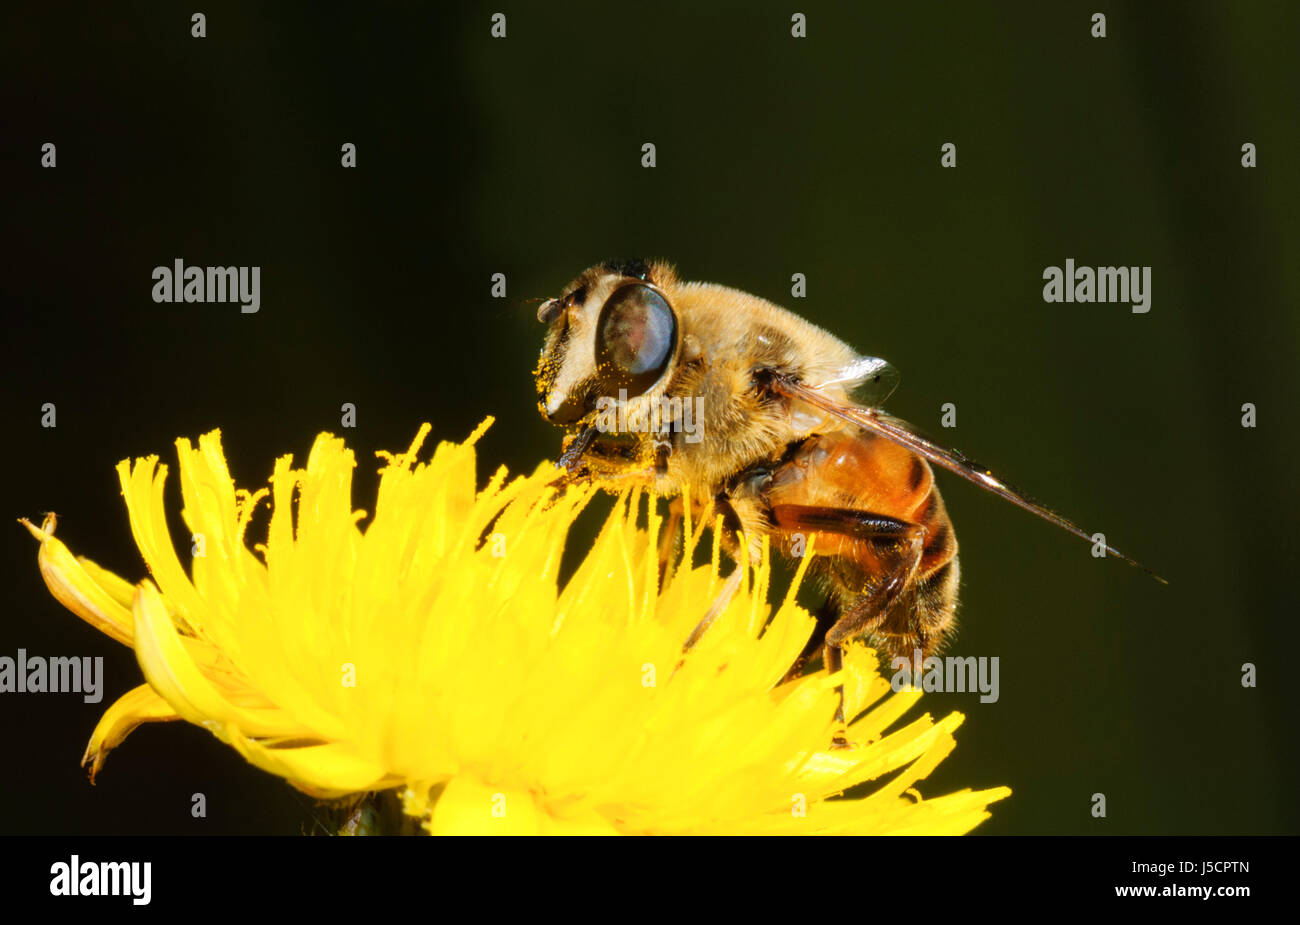 Drohne Fliegen (Eristalis Tenax), eine Biene nachahmen, gesehen ist die Bestäubung Nektar von einer gelben Stockbild